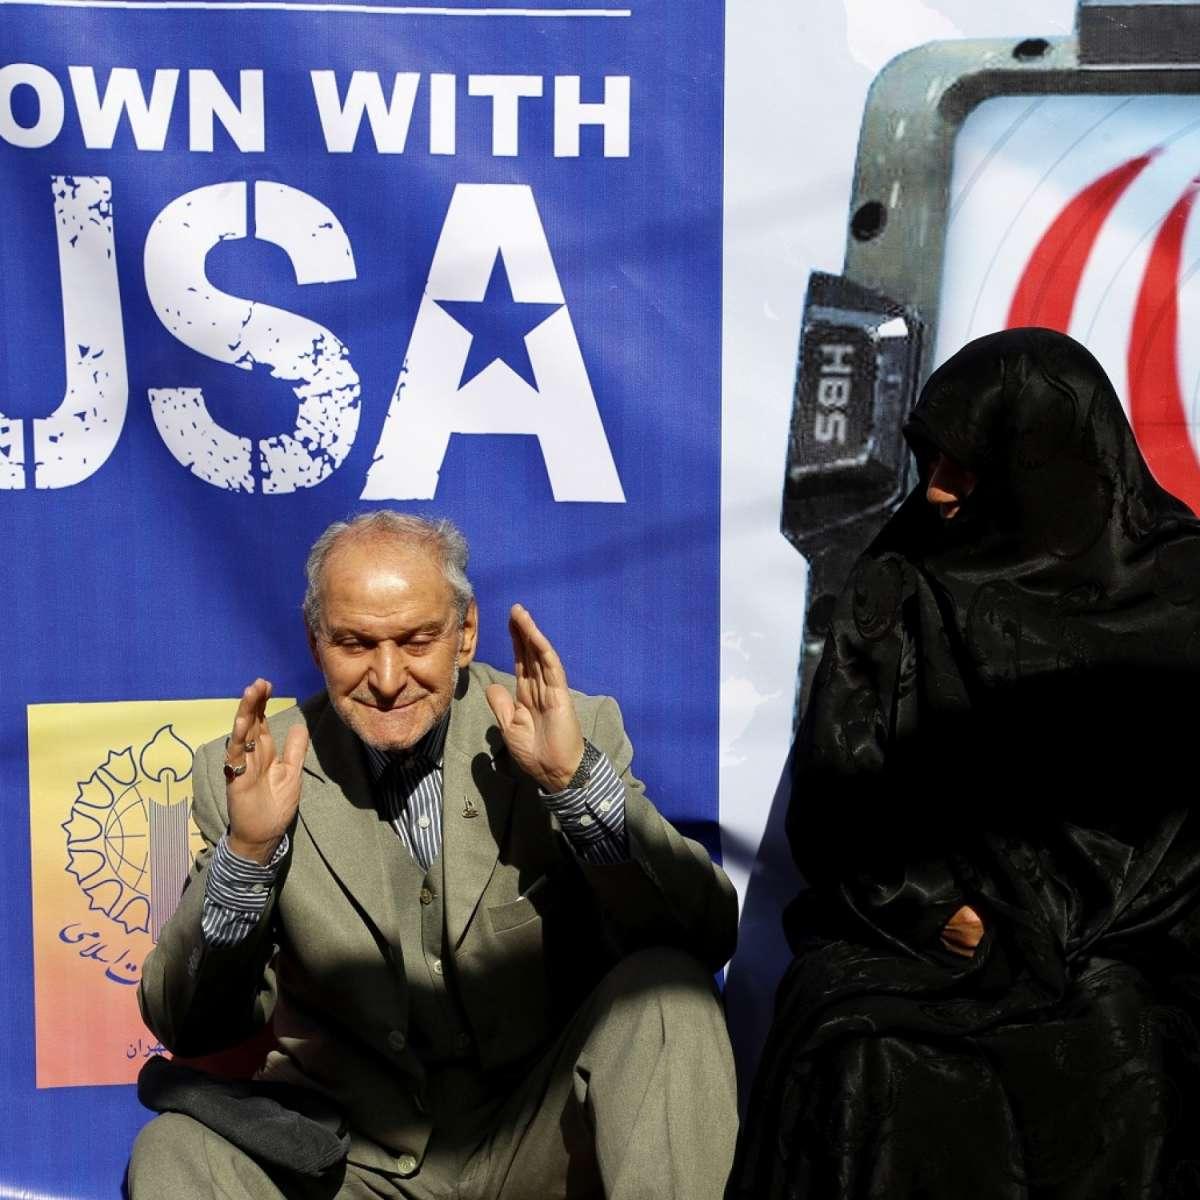 США опозорились в 1970х году в Иране, сбежав оттуда и бросив своих солдат